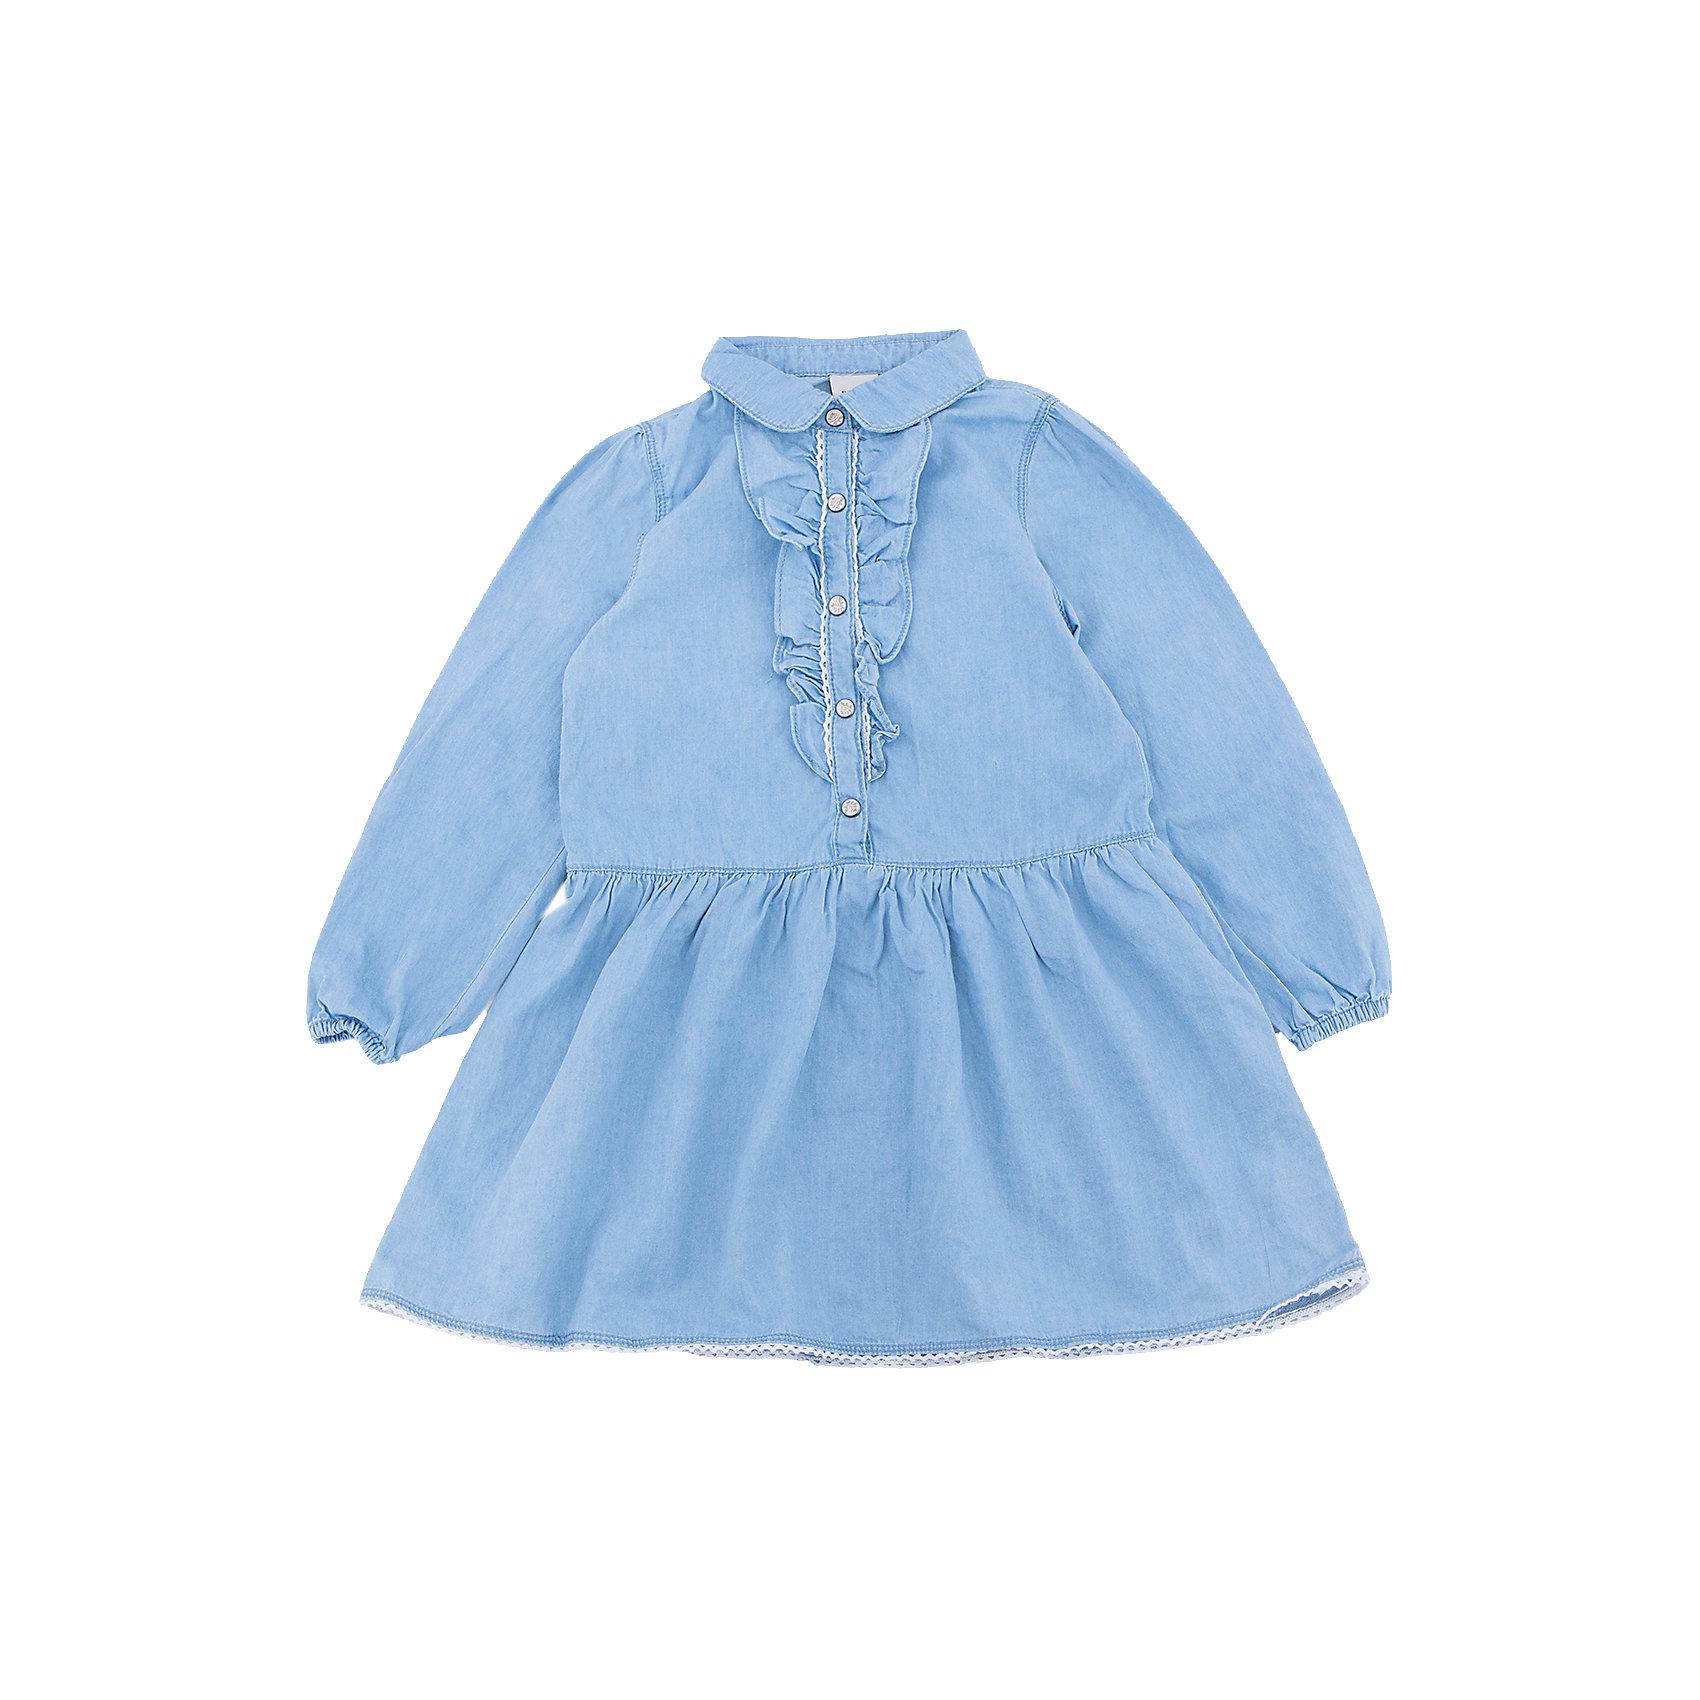 Платье джинсовое для девочки SELAДжинсовая одежда<br>Характеристики товара:<br><br>• цвет: синий джинс<br>• сезон: лето, демисезон<br>• состав: 100% хлопок<br>• декорировано оборками<br>• длина выше колена<br>• длинные рукава<br>• страна бренда: Россия<br><br>В новой коллекции SELA отличные модели одежды! Это платье для девочки поможет разнообразить гардероб ребенка и обеспечить комфорт. Оно отлично сочетается с различной обувью. <br><br>Одежда, обувь и аксессуары от российского бренда SELA не зря пользуются большой популярностью у детей и взрослых! Модели этой марки - стильные и удобные, цена при этом неизменно остается доступной. Для их производства используются только безопасные, качественные материалы и фурнитура.<br><br>Платье для девочки от популярного бренда SELA (СЕЛА) можно купить в нашем интернет-магазине.<br><br>Ширина мм: 236<br>Глубина мм: 16<br>Высота мм: 184<br>Вес г: 177<br>Цвет: синий джинс<br>Возраст от месяцев: 60<br>Возраст до месяцев: 72<br>Пол: Женский<br>Возраст: Детский<br>Размер: 116,98,104,110<br>SKU: 5305257